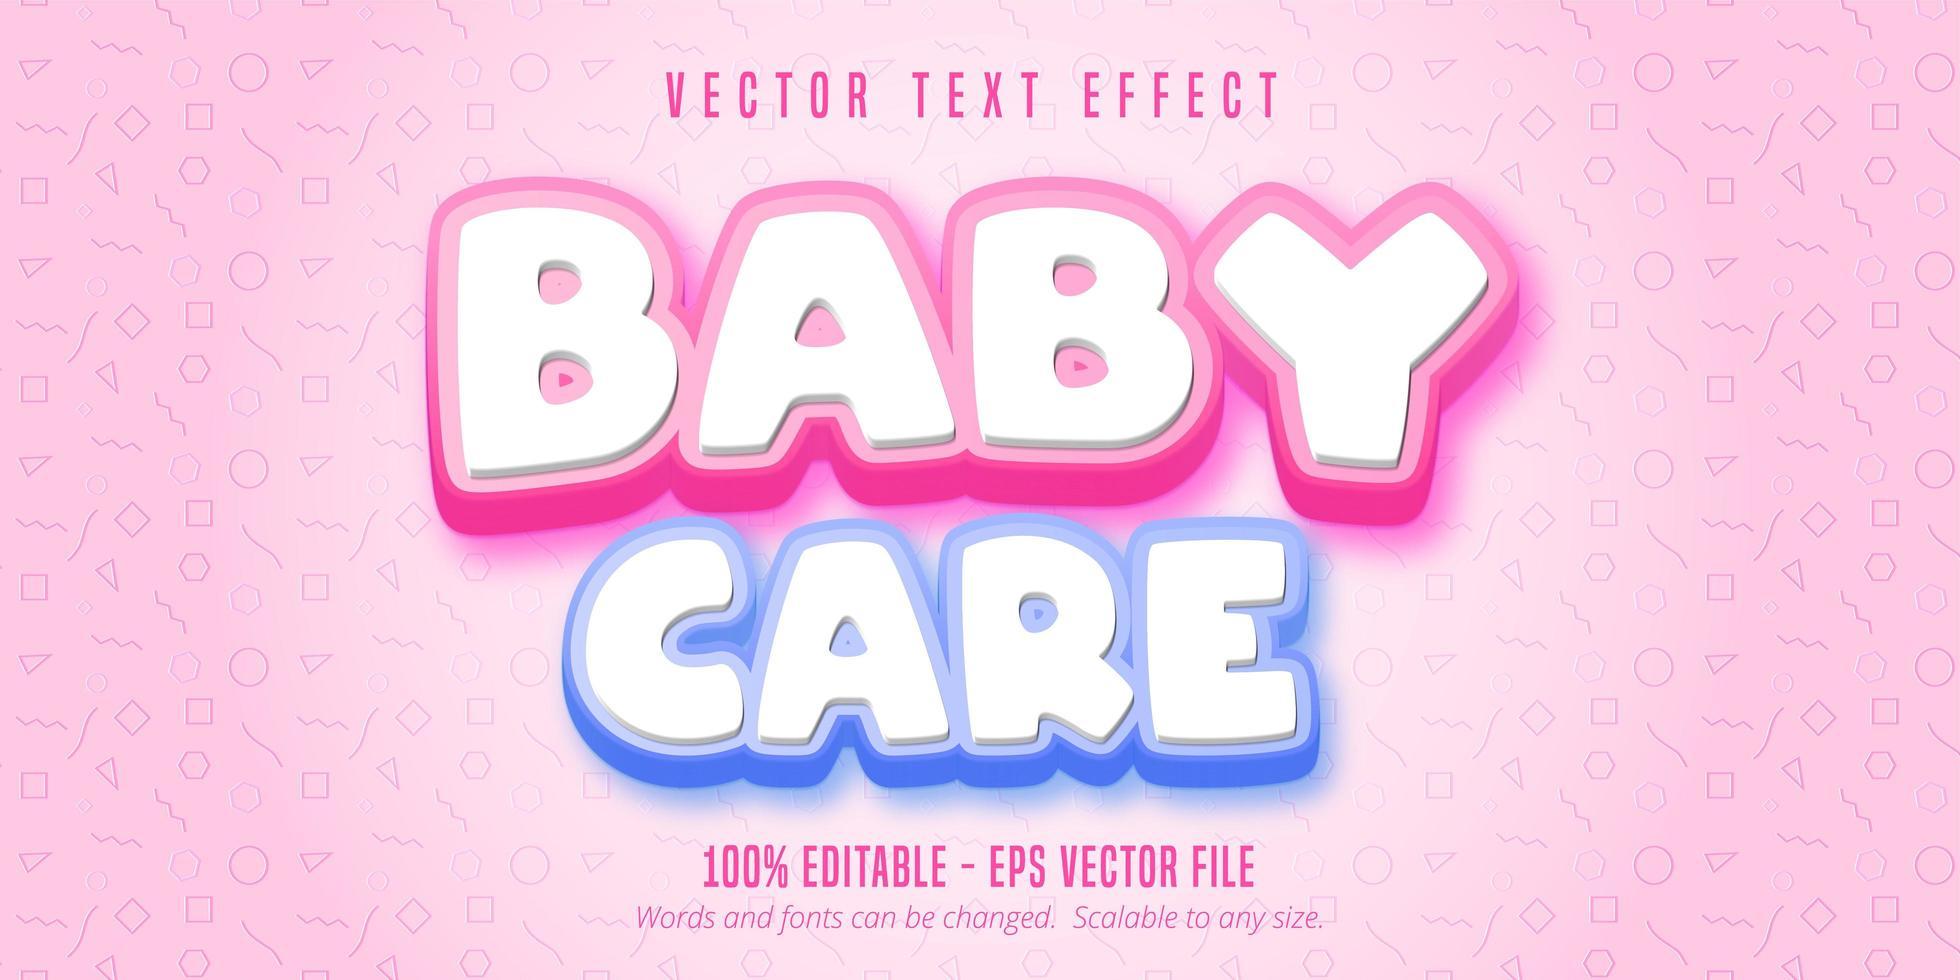 texte de soins de bébé, effet de texte de style dessin animé vecteur